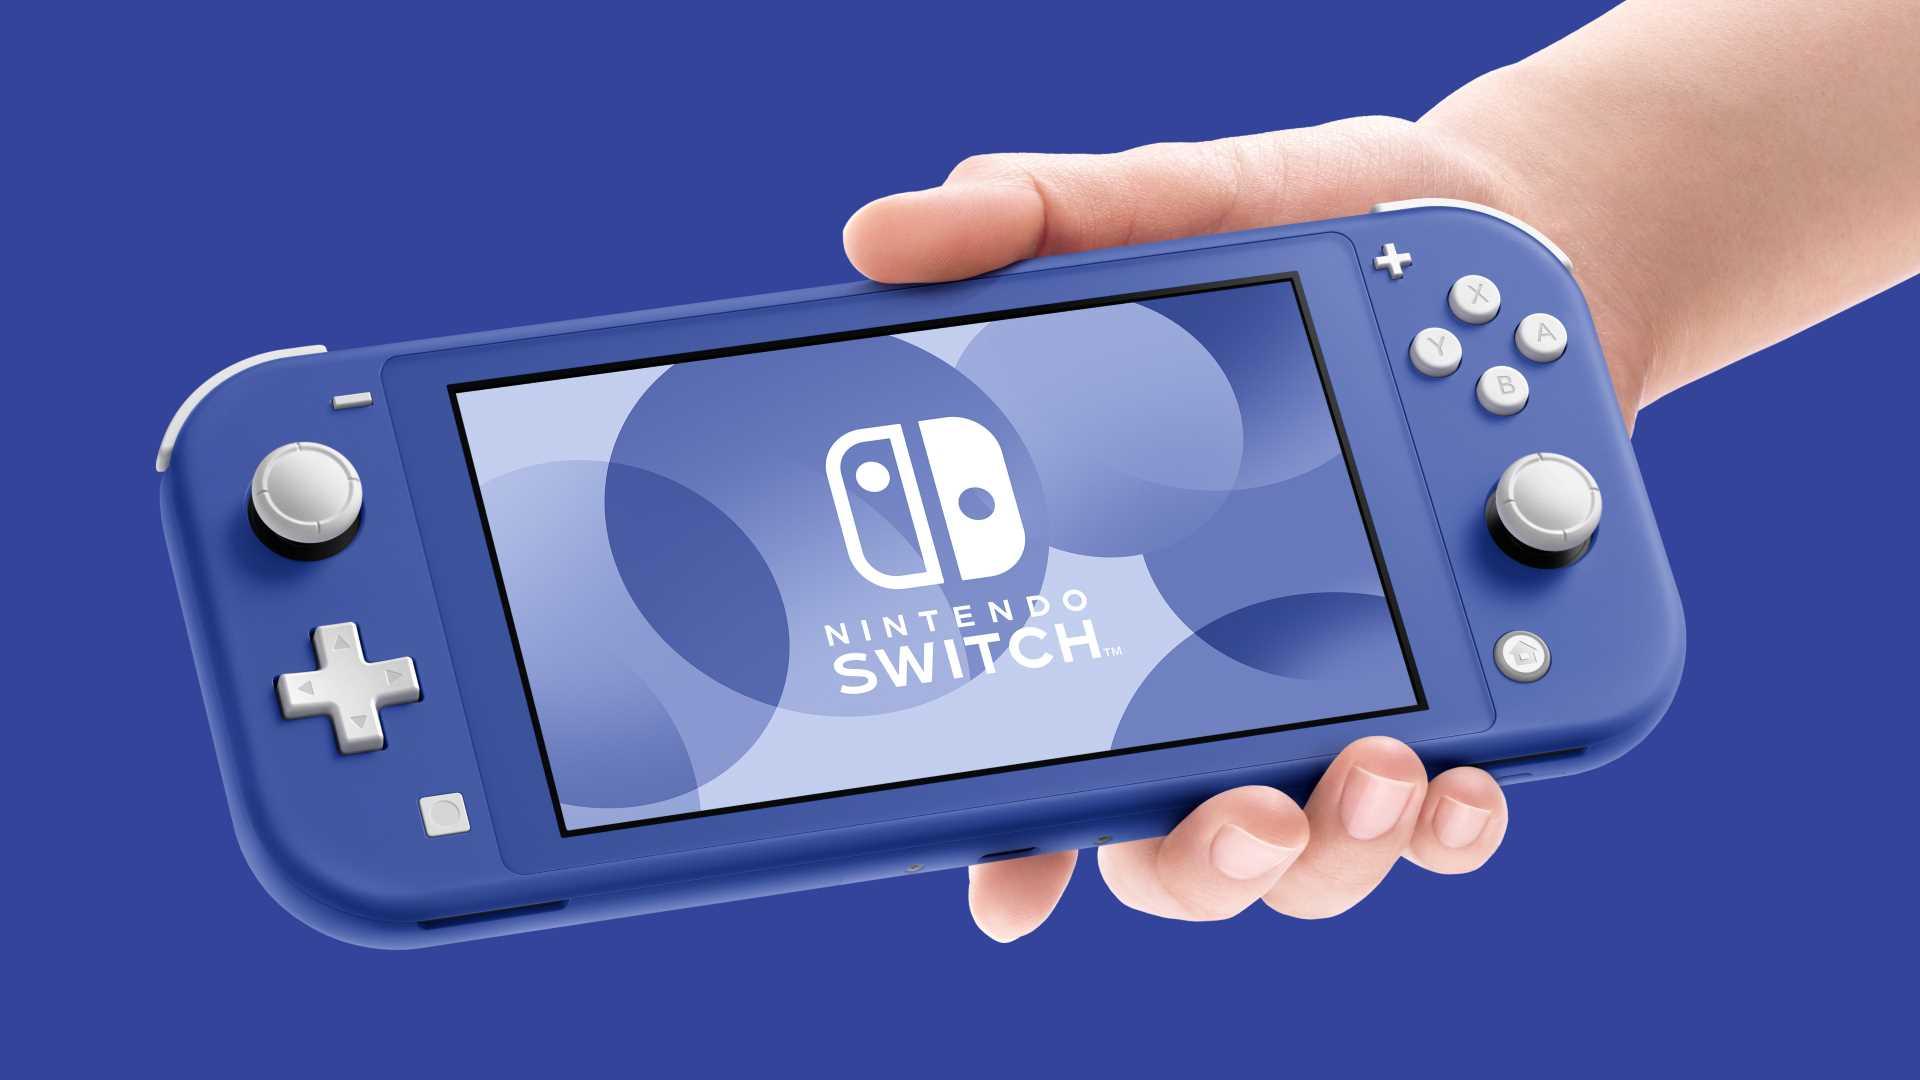 Nintendo Switch Lite Blau - Switch im Farbton Blau auf blauem Hintergrund